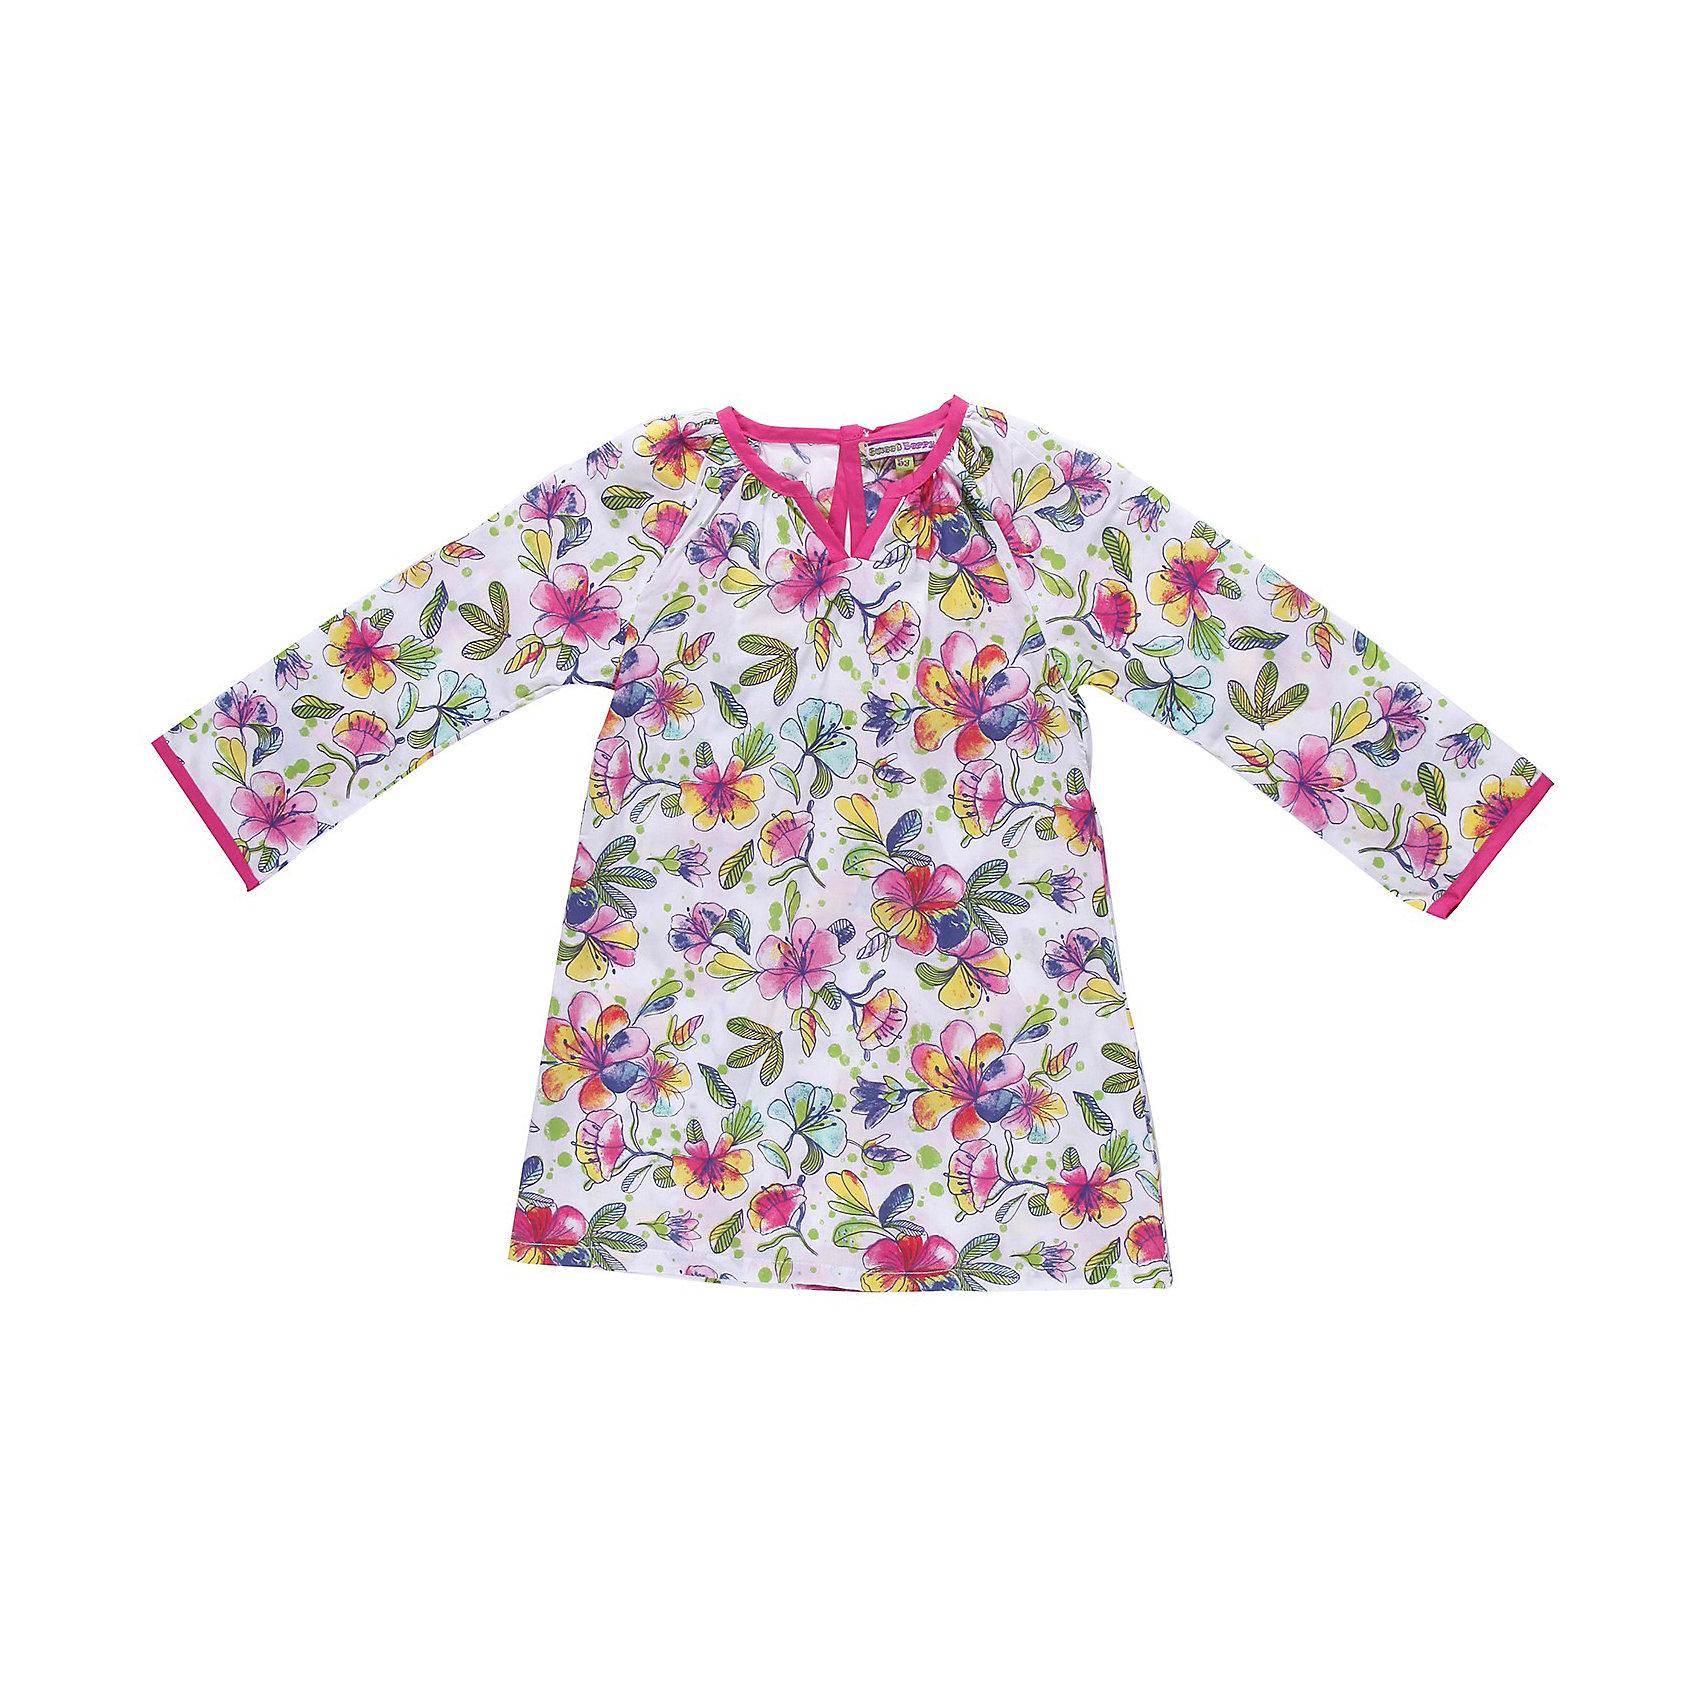 Платье для девочки Sweet BerryЛетние платья и сарафаны<br>Пляжное платье из тонкого хлопка, оригинальный цветочный принт. Отделка из ткани контрастного цвета.<br>Состав:<br>100% хлопок<br><br>Ширина мм: 236<br>Глубина мм: 16<br>Высота мм: 184<br>Вес г: 177<br>Цвет: разноцветный<br>Возраст от месяцев: 24<br>Возраст до месяцев: 36<br>Пол: Женский<br>Возраст: Детский<br>Размер: 98,122,128,110,104,116<br>SKU: 4521290